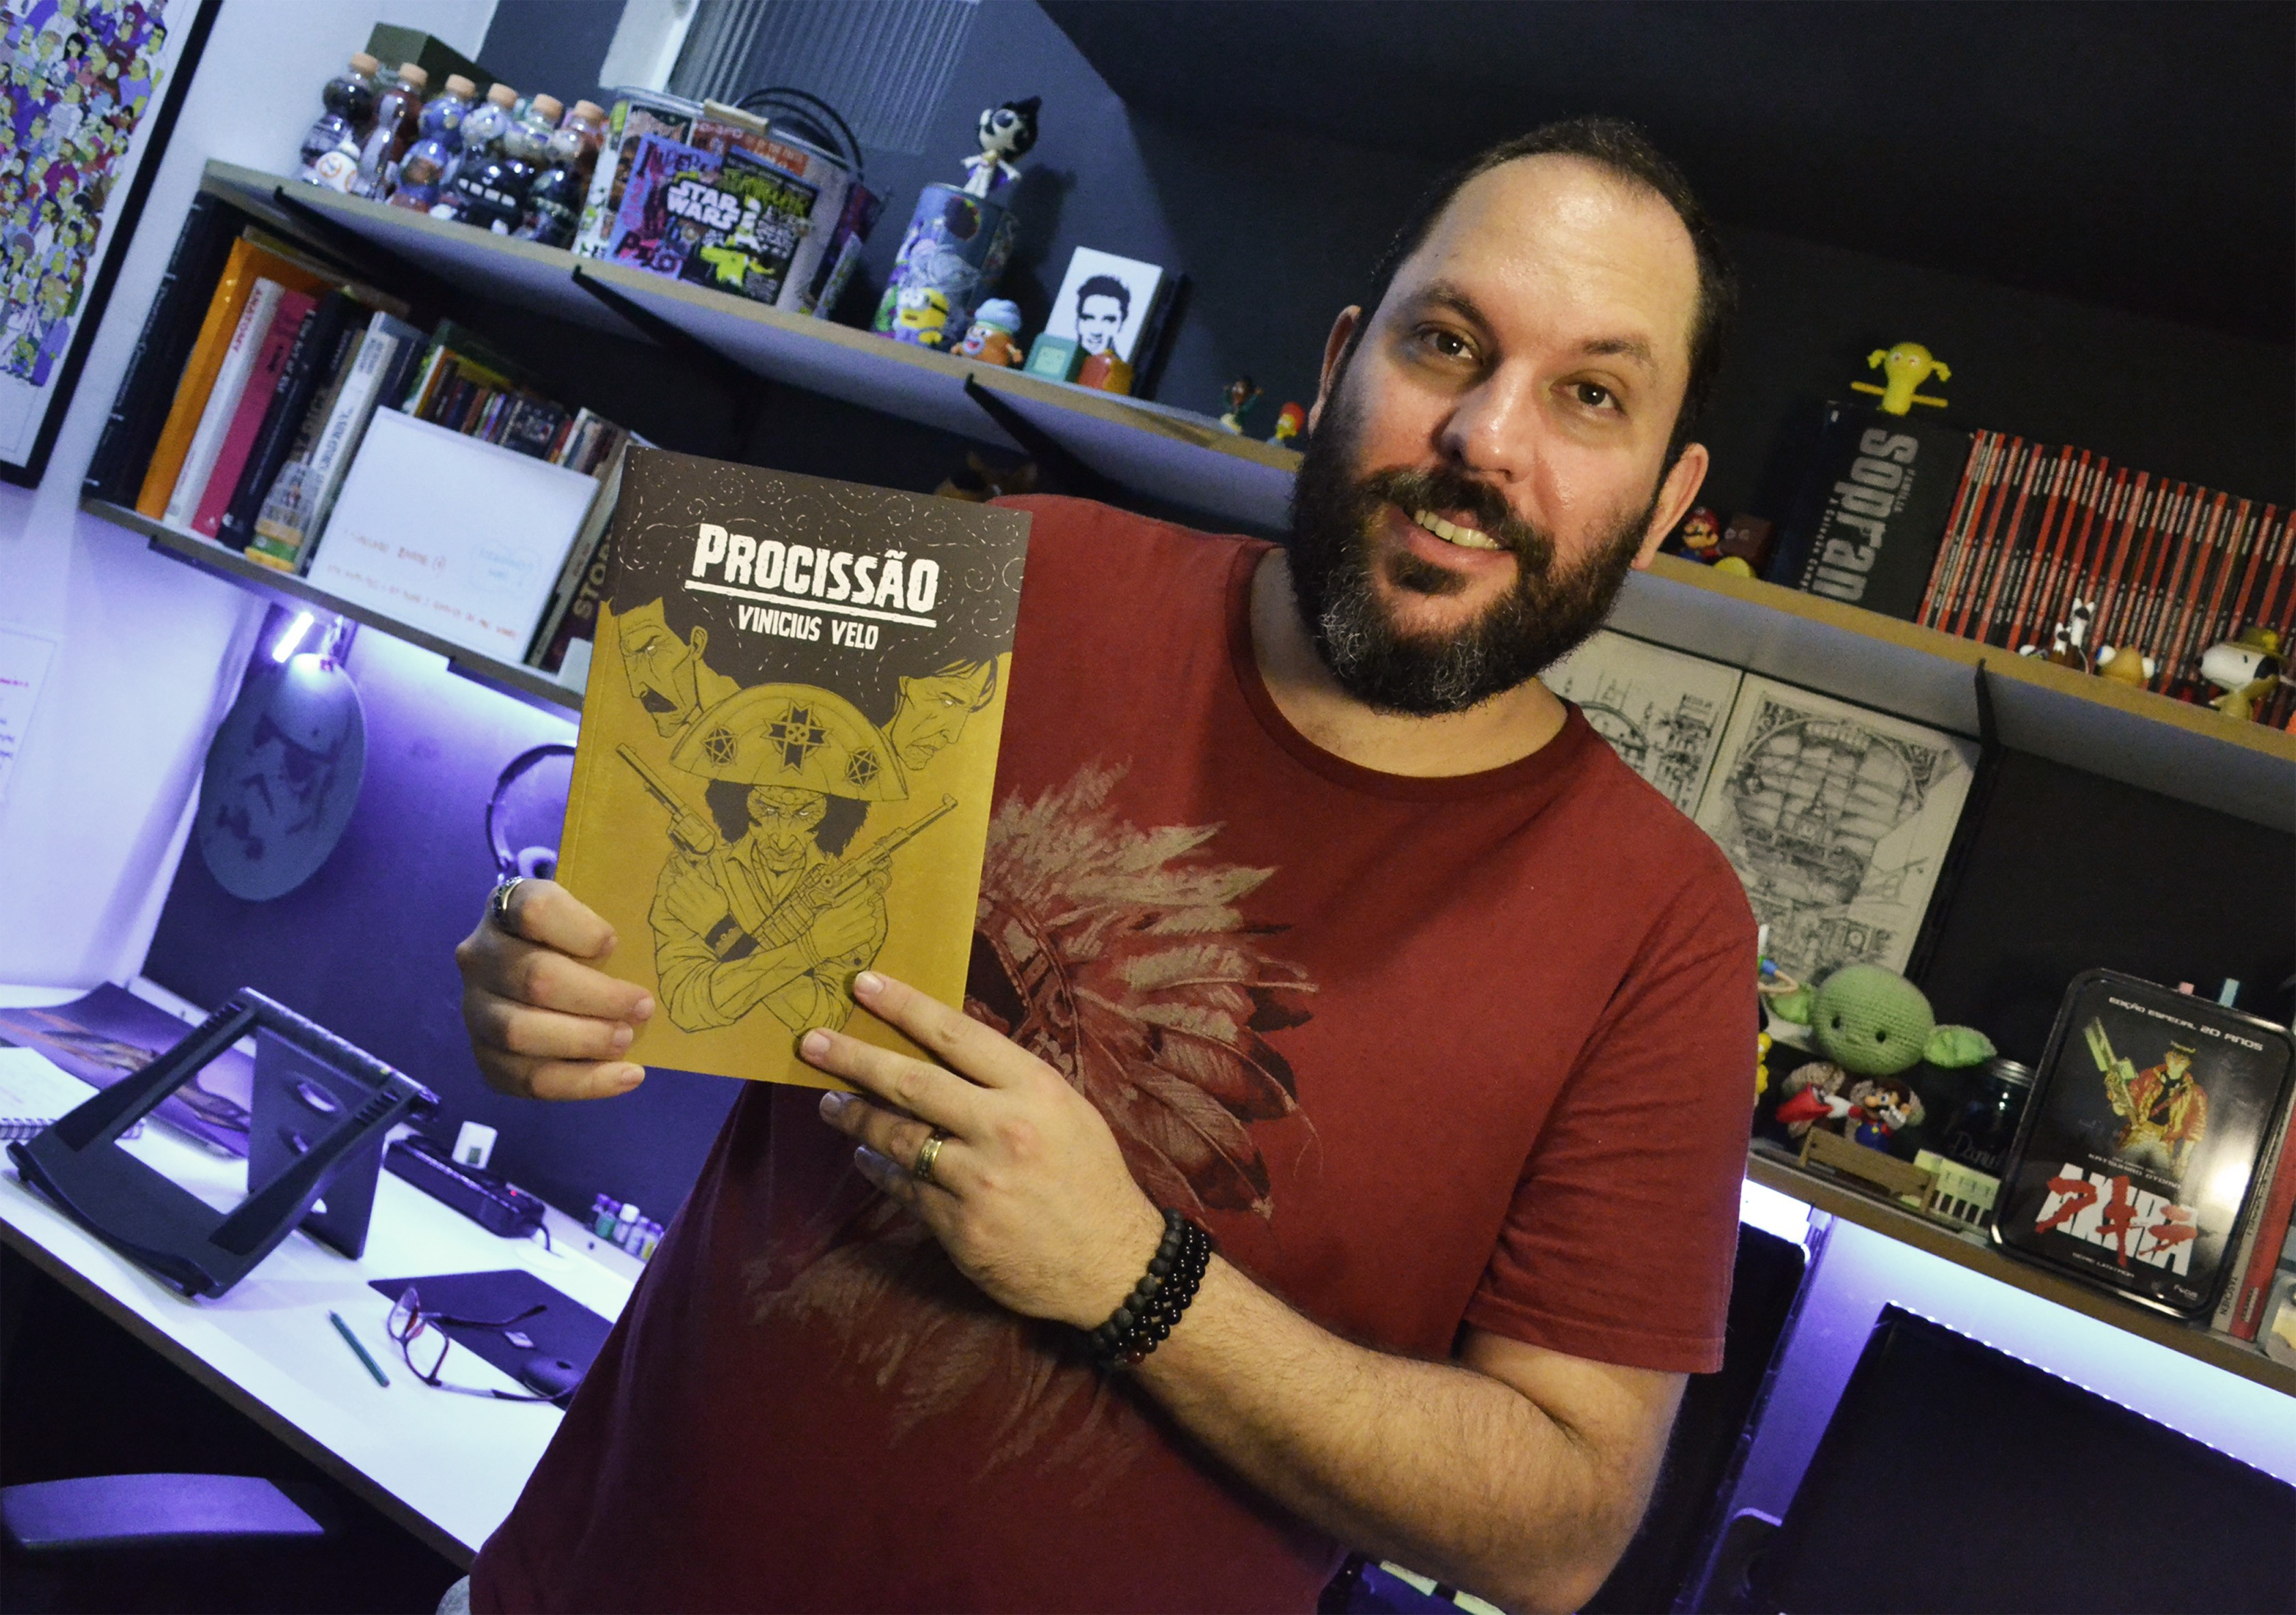 Produzida por piracicabano, história em quadrinhos sobre cangaço é lançada em Piracicaba - Noticias